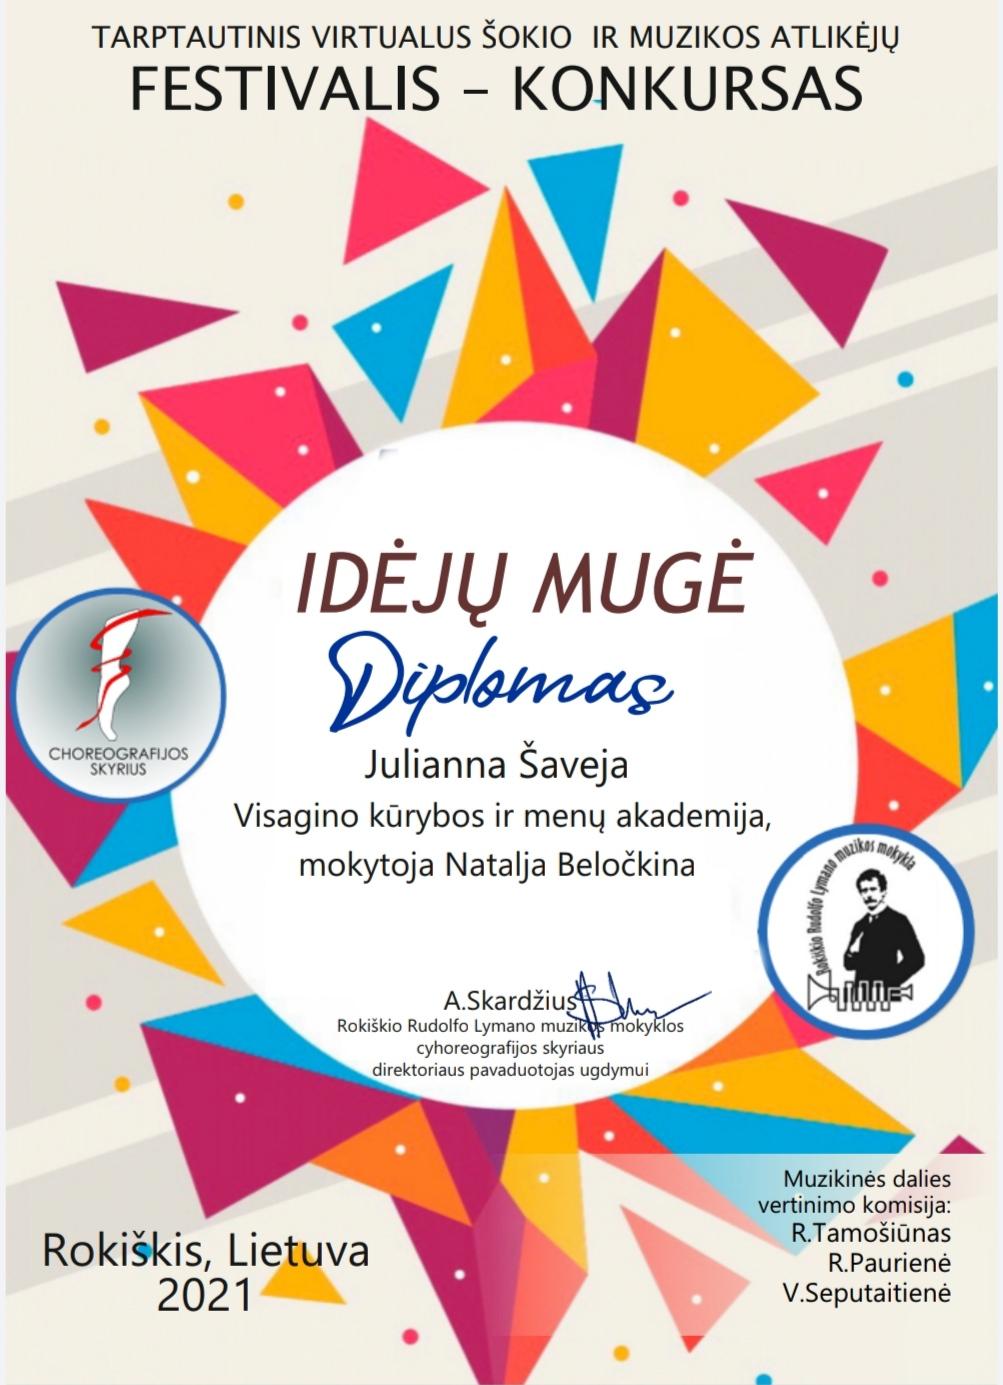 Sveikiname Ekateriną Nikuliną, Julianną Šaveją,  Jelizavetą Skarudiną su pergale!